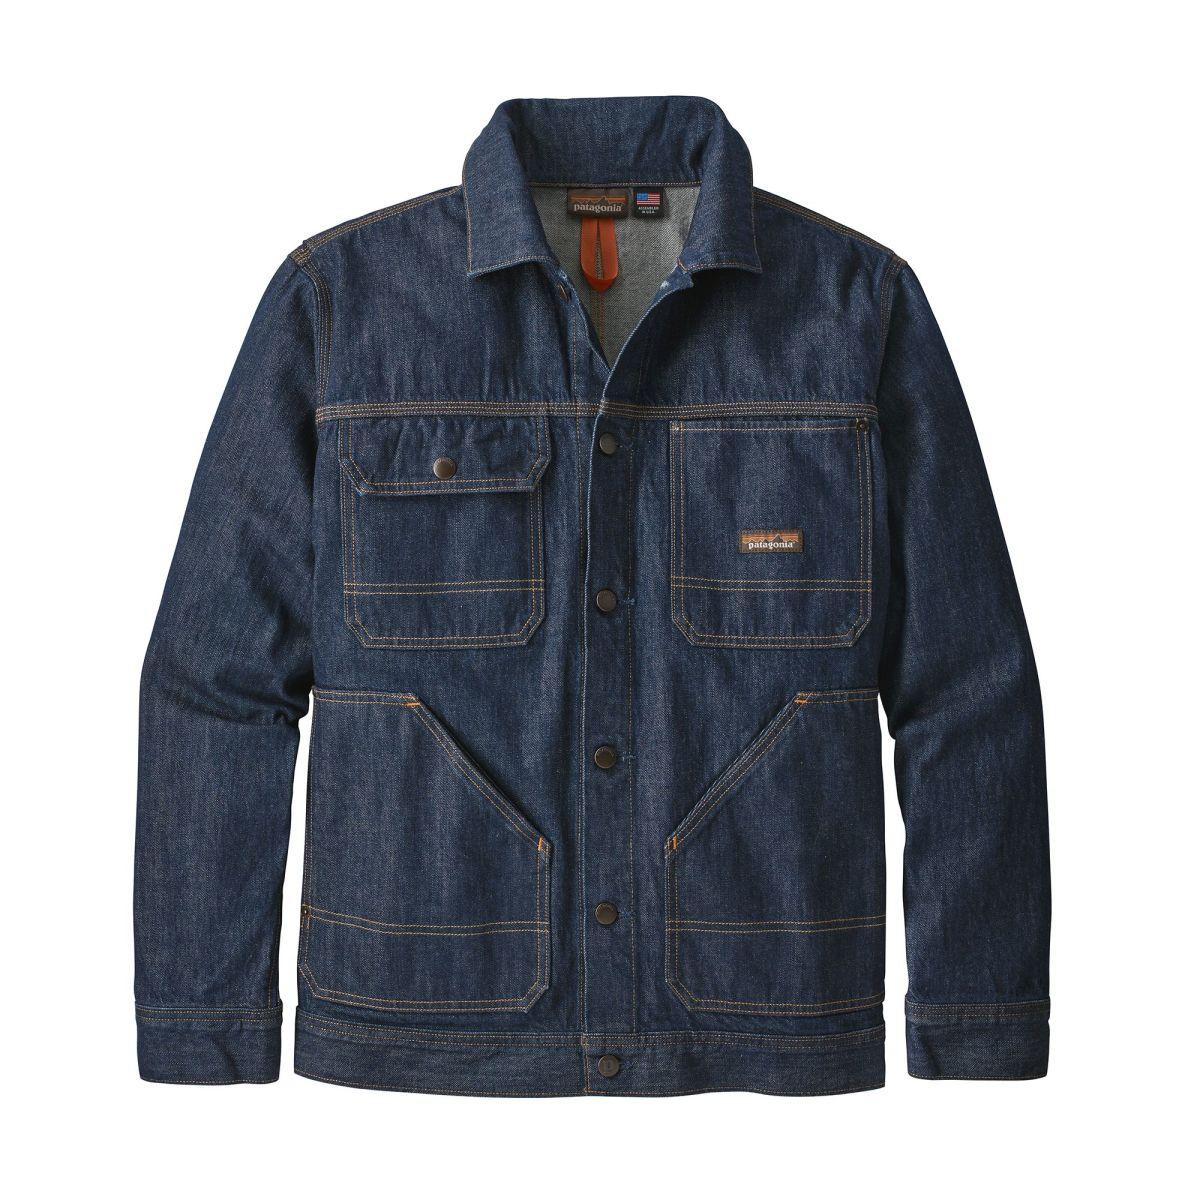 Patagonia Steel Forge Denim Jacket